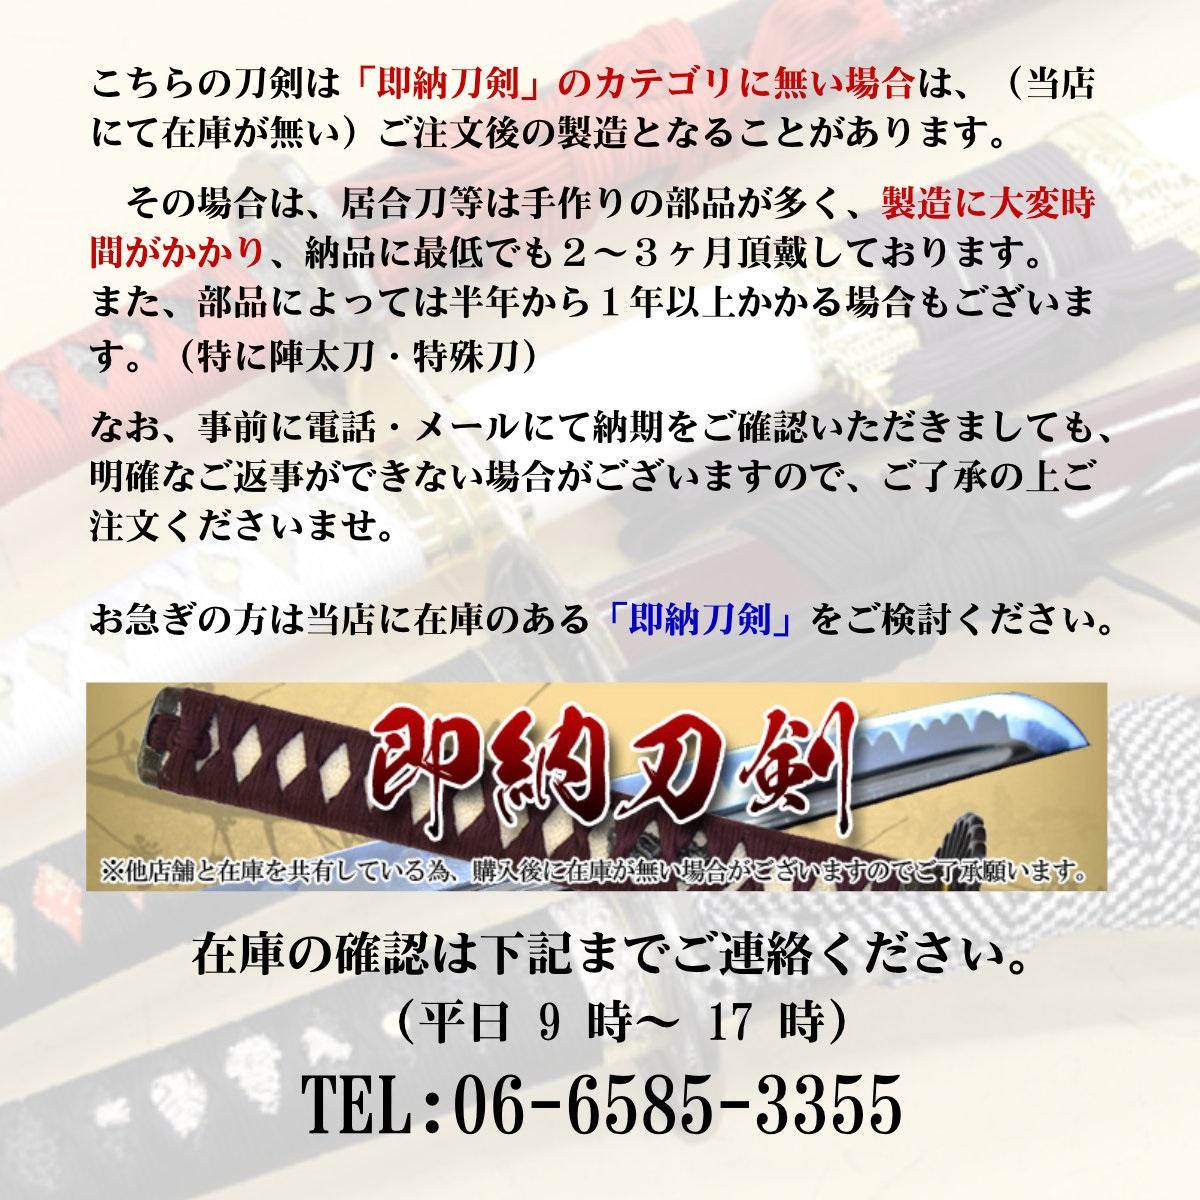 高級居合刀伊達政宗拵え 山城大掾藤原国包(刀袋付き) 模擬刀剣証明書付き